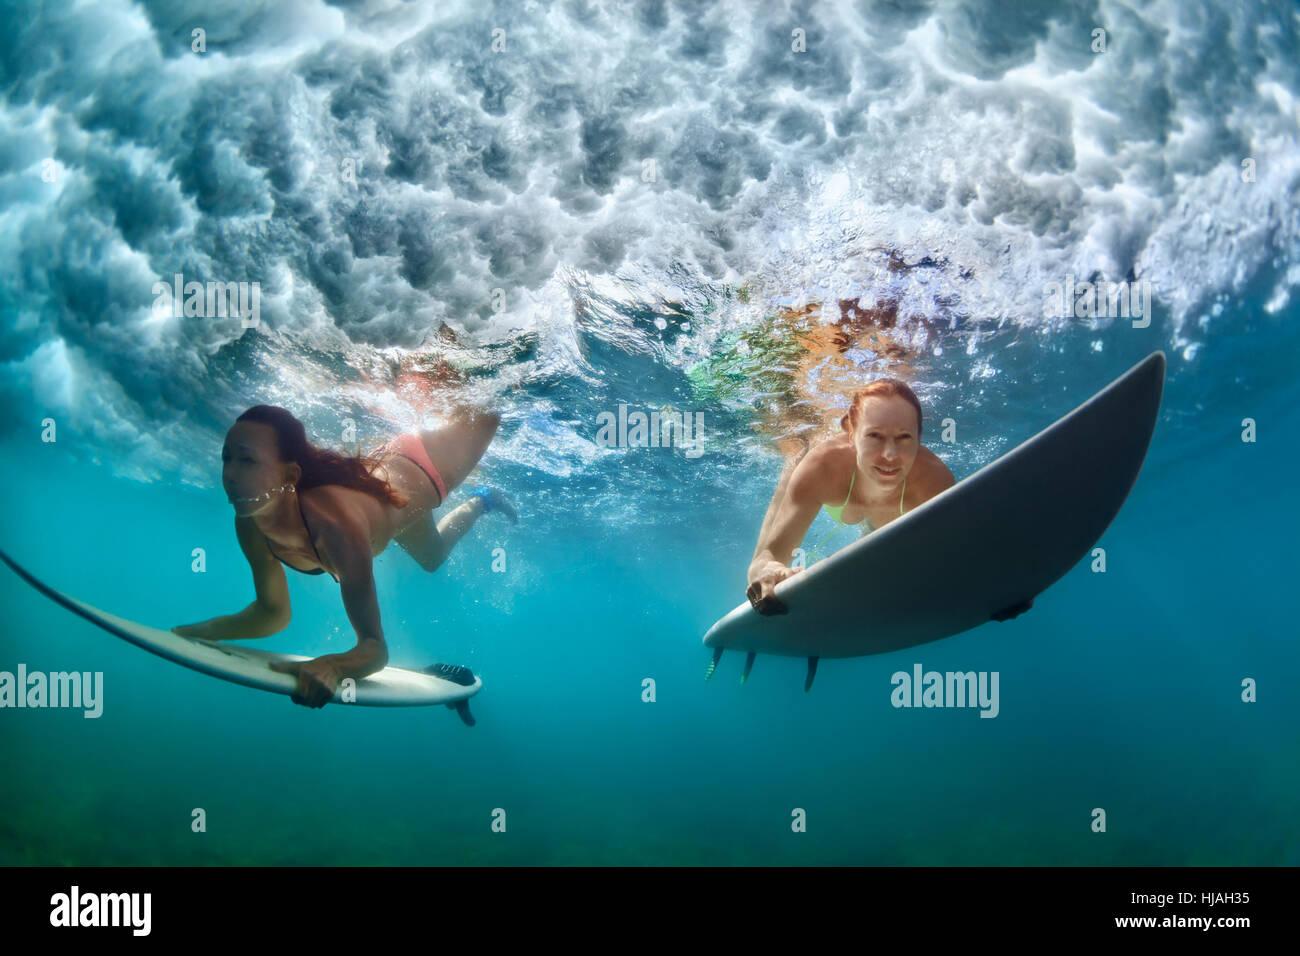 Groupe de filles en action. Les femmes avec surfeur surf board sous-marine Plongée sous déferlante. L'eau, sport Banque D'Images